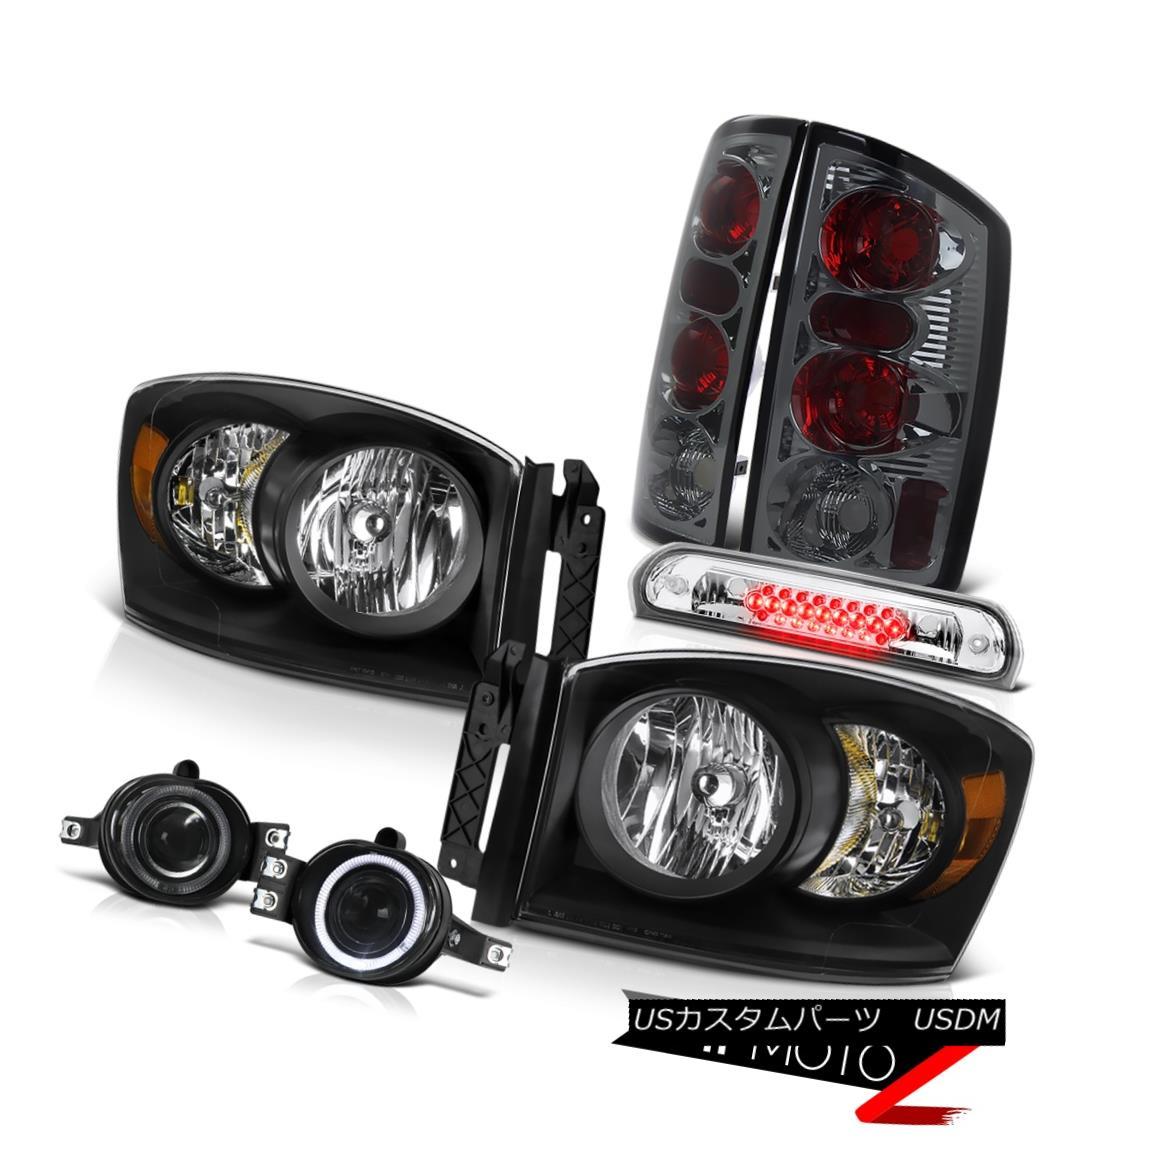 テールライト Clear/Black Headlights Altezza Tail Lamps Fog Roof Brake Cargo 2006 Dodge Ram WS クリア/ブラックヘッドライトAltezzaテールランプフォグルーフブレーキカーゴ2006 Dodge Ram WS